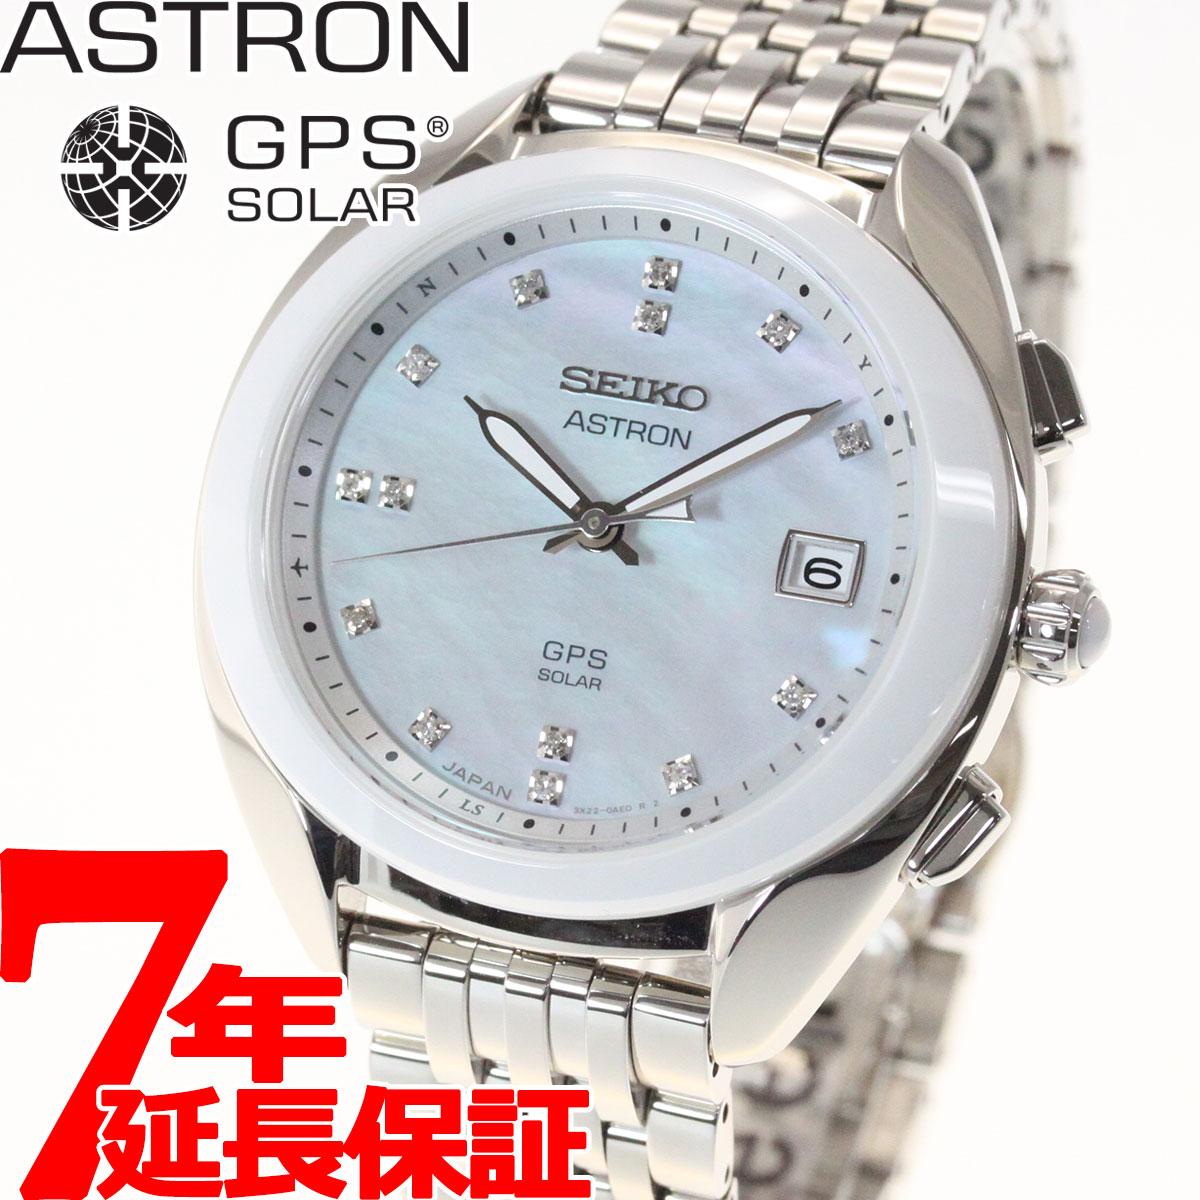 腕時計, レディース腕時計 2502000OFF60252359 SEIKO ASTRON GPS GPS STXD0092020